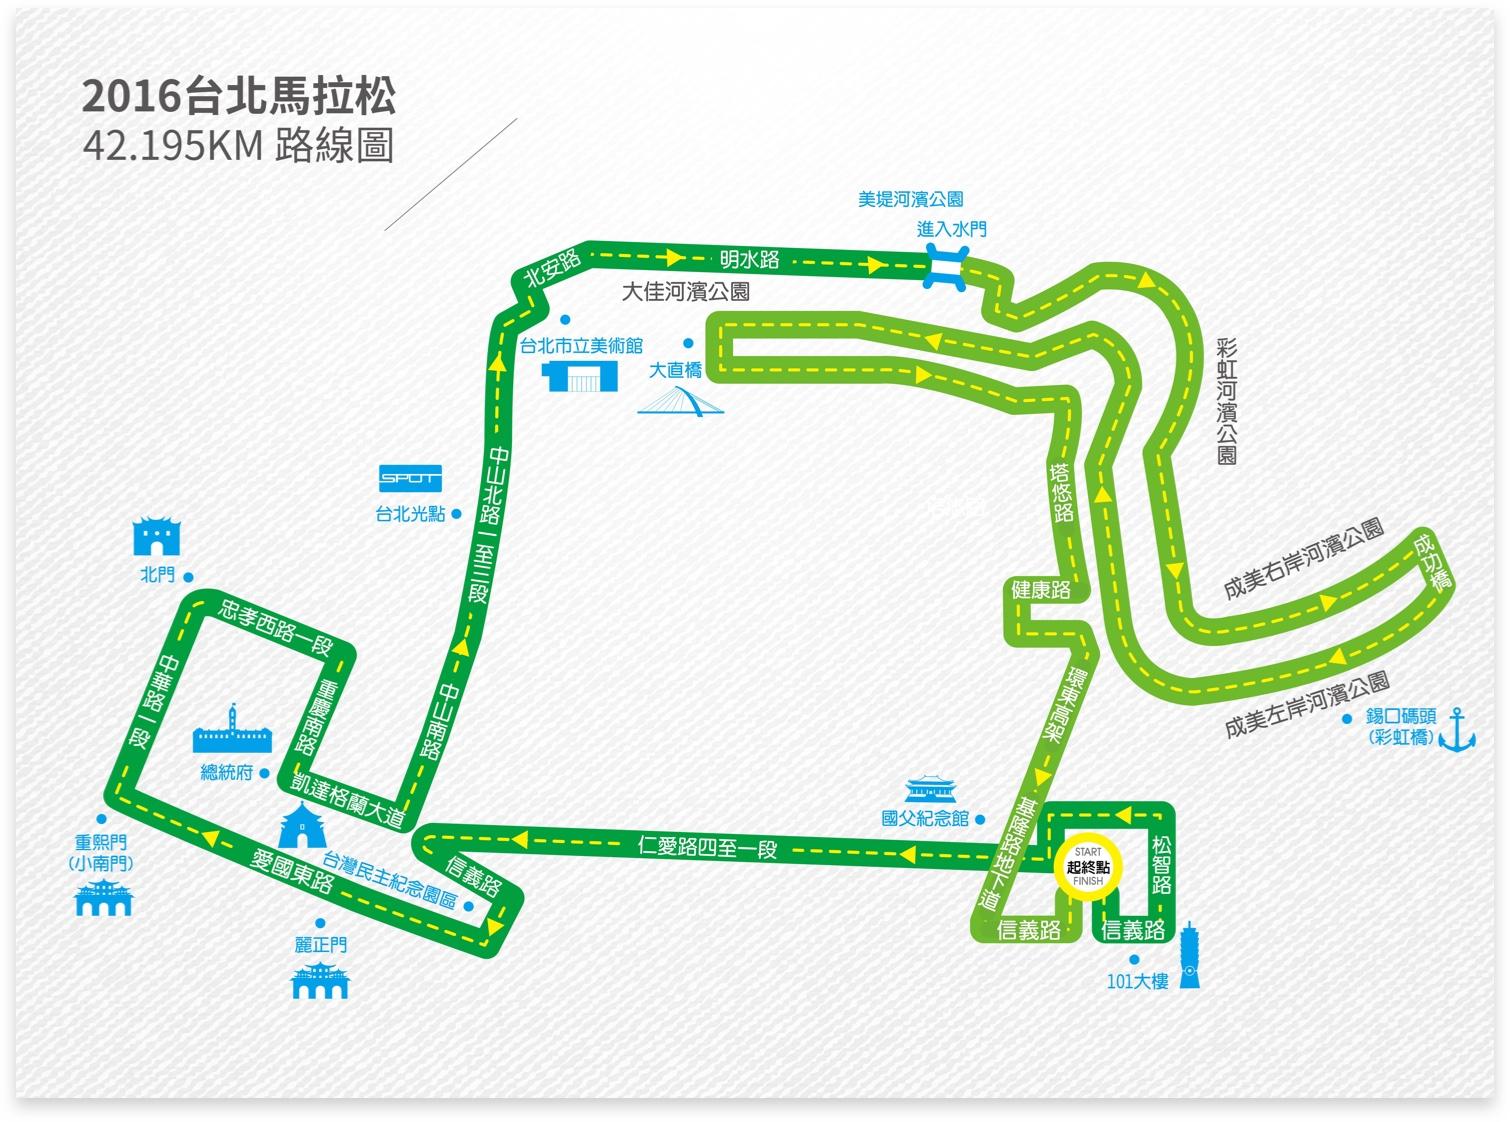 2016台北馬拉松路線圖。圖片提供/中華民國路跑協會